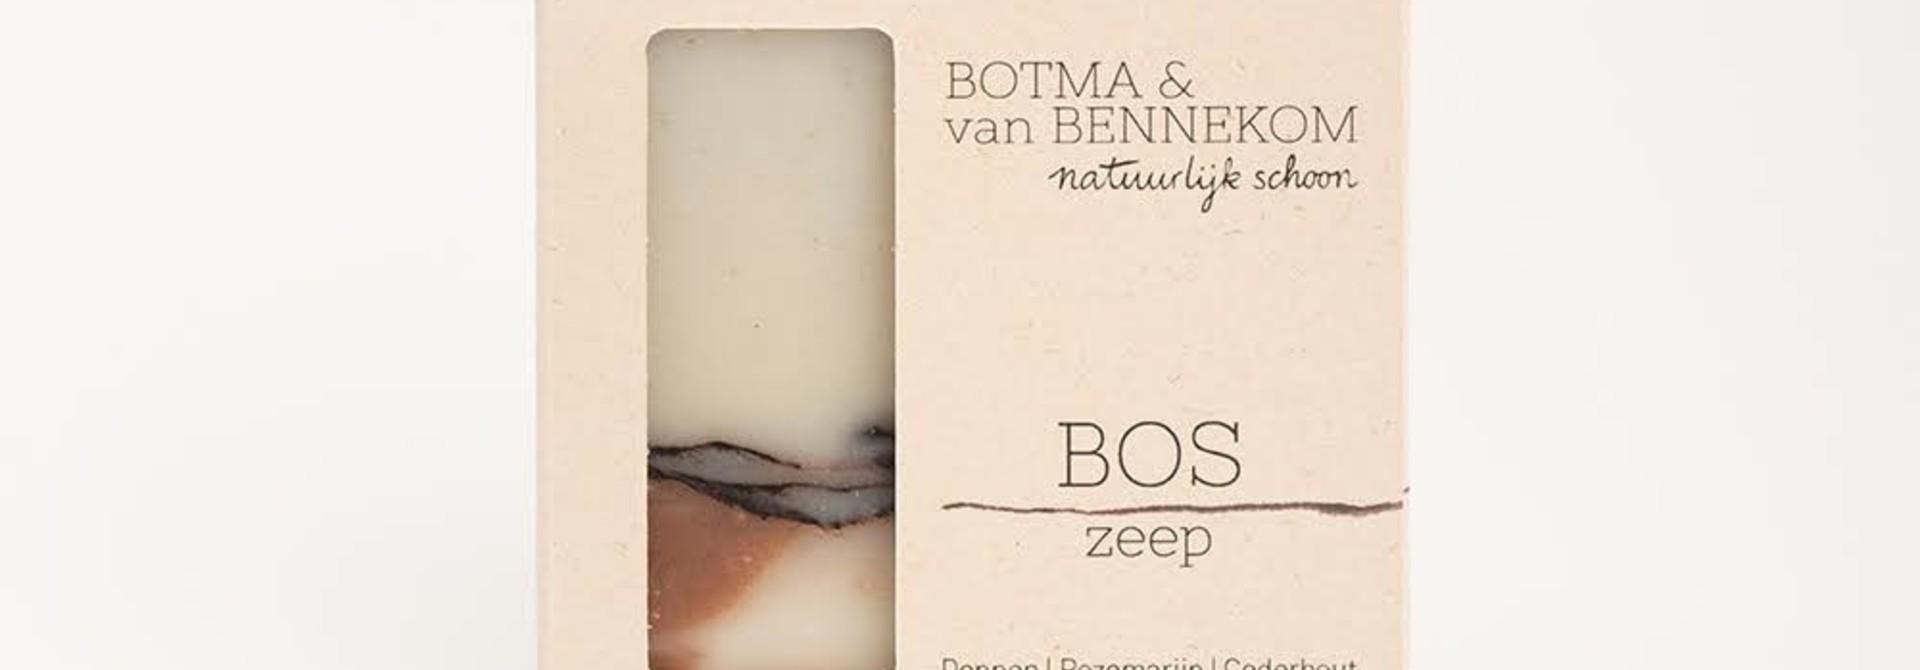 Boszeep – Botma & Van Bennekom